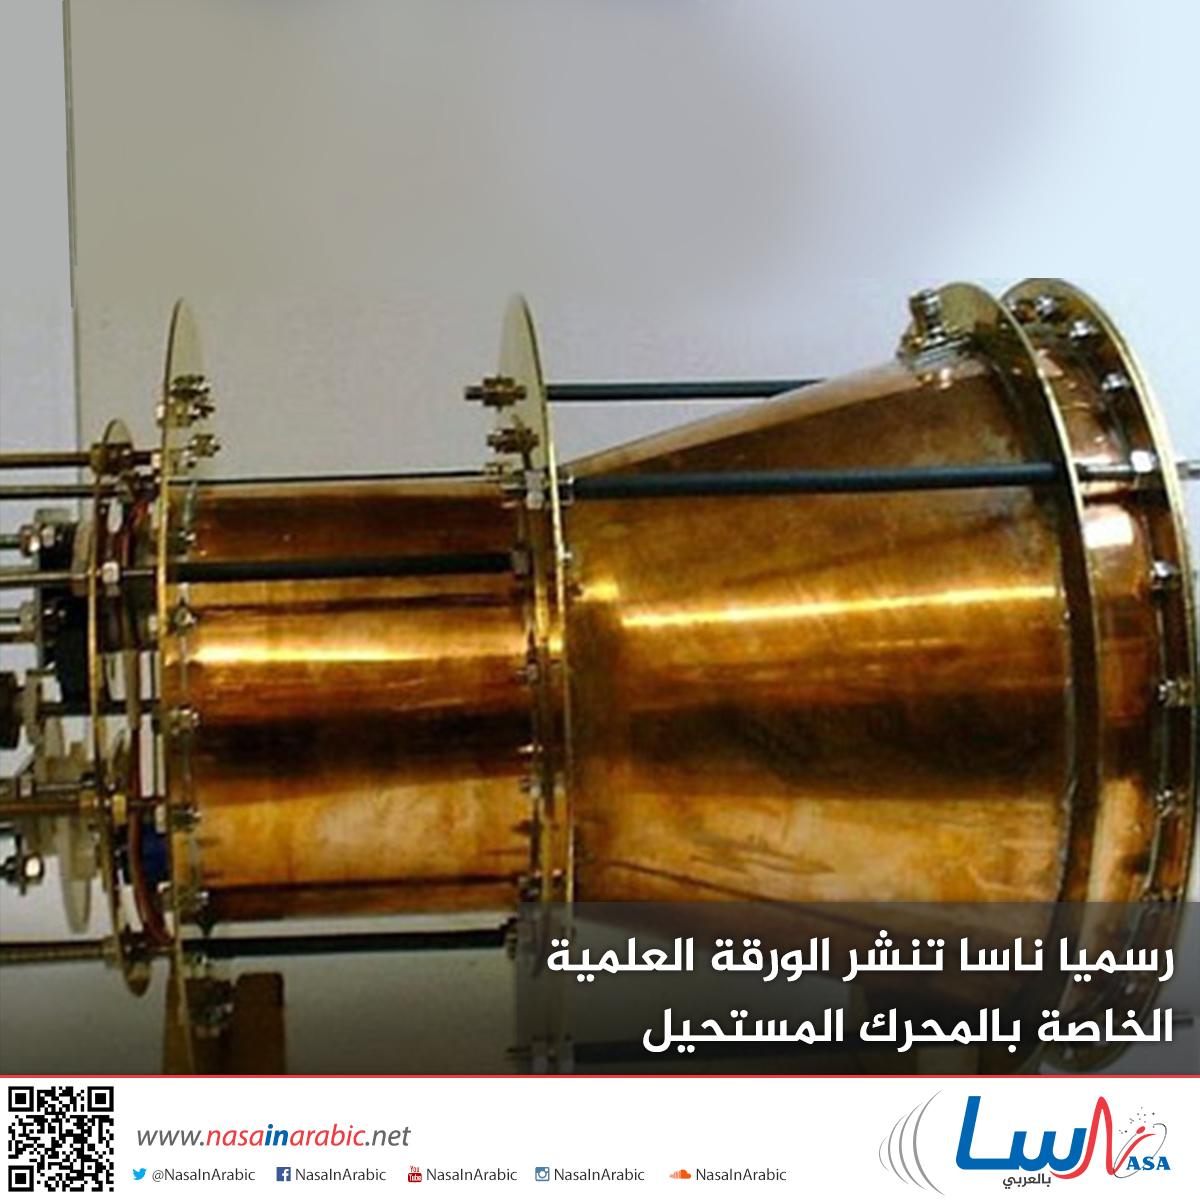 رسميا، ناسا تنشر الورقة العلمية الخاصة بالمحرك المستحيل